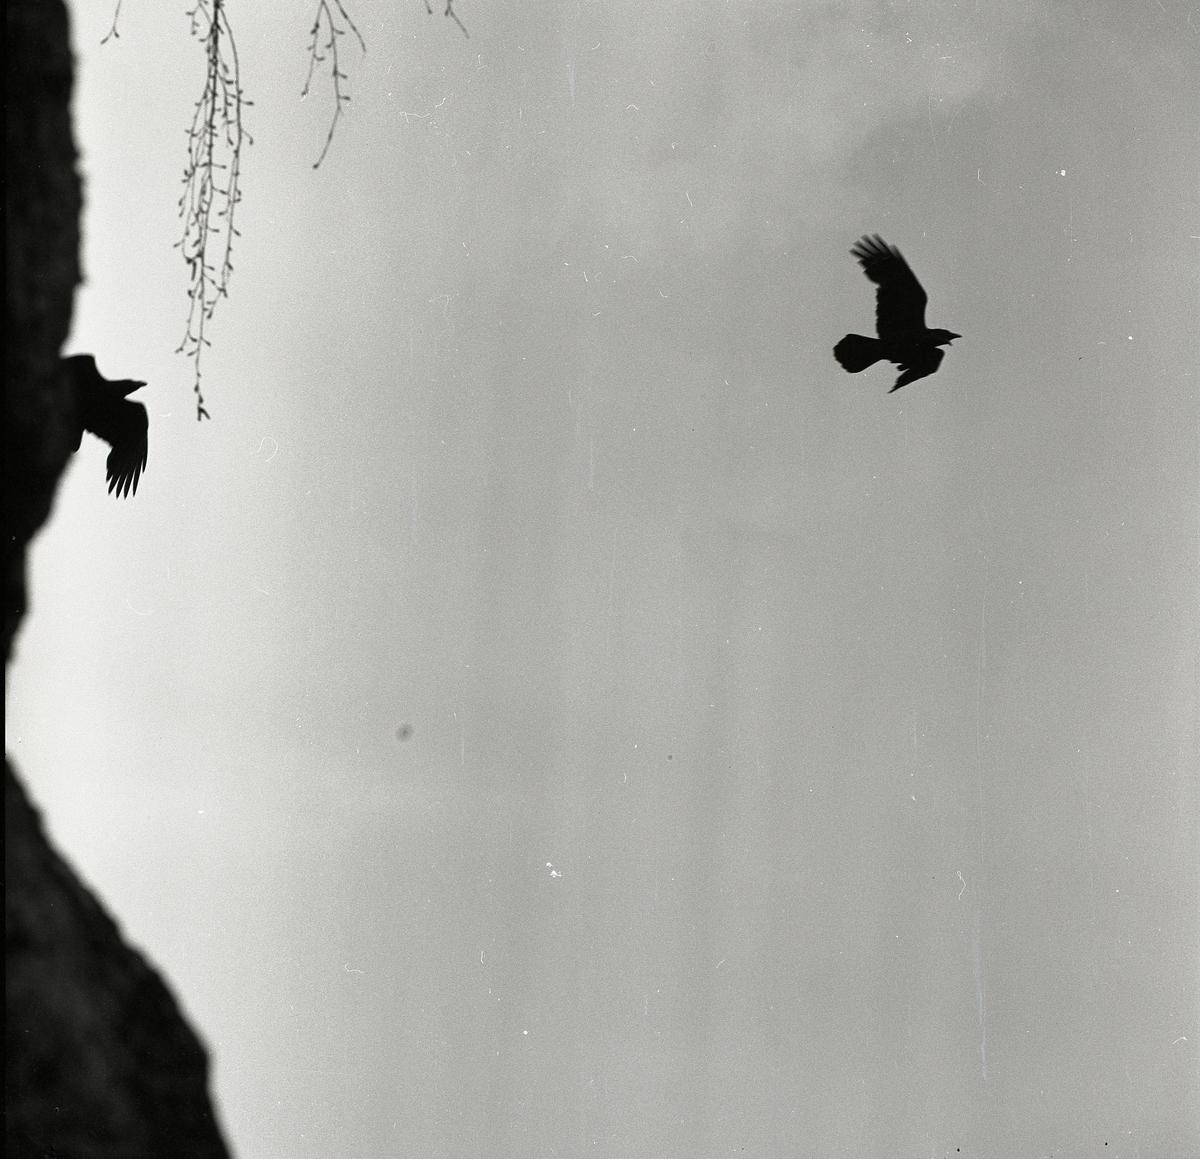 Två flygande korpar framför en klippa med nedhängade kvist, maj 1962.